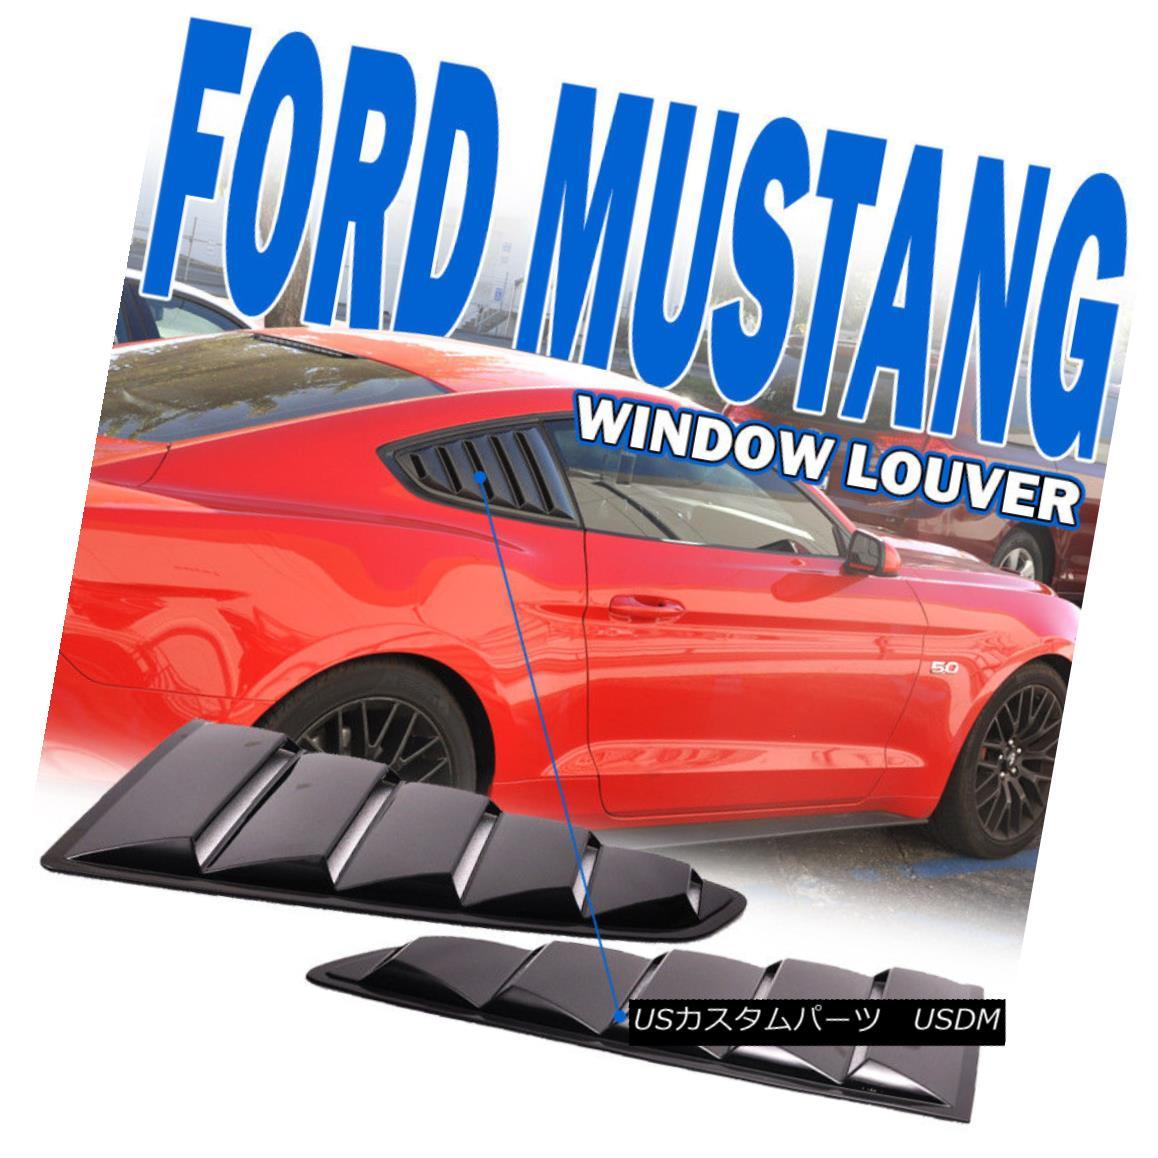 エアロパーツ Fits 15-17 18 Ford Mustang OE Style Painted # G1 Shadow Black Window Louver - PP フィット15?17 18フォードマスタングOEスタイル#G1シャドーブラックウィンドウルーバー - PP